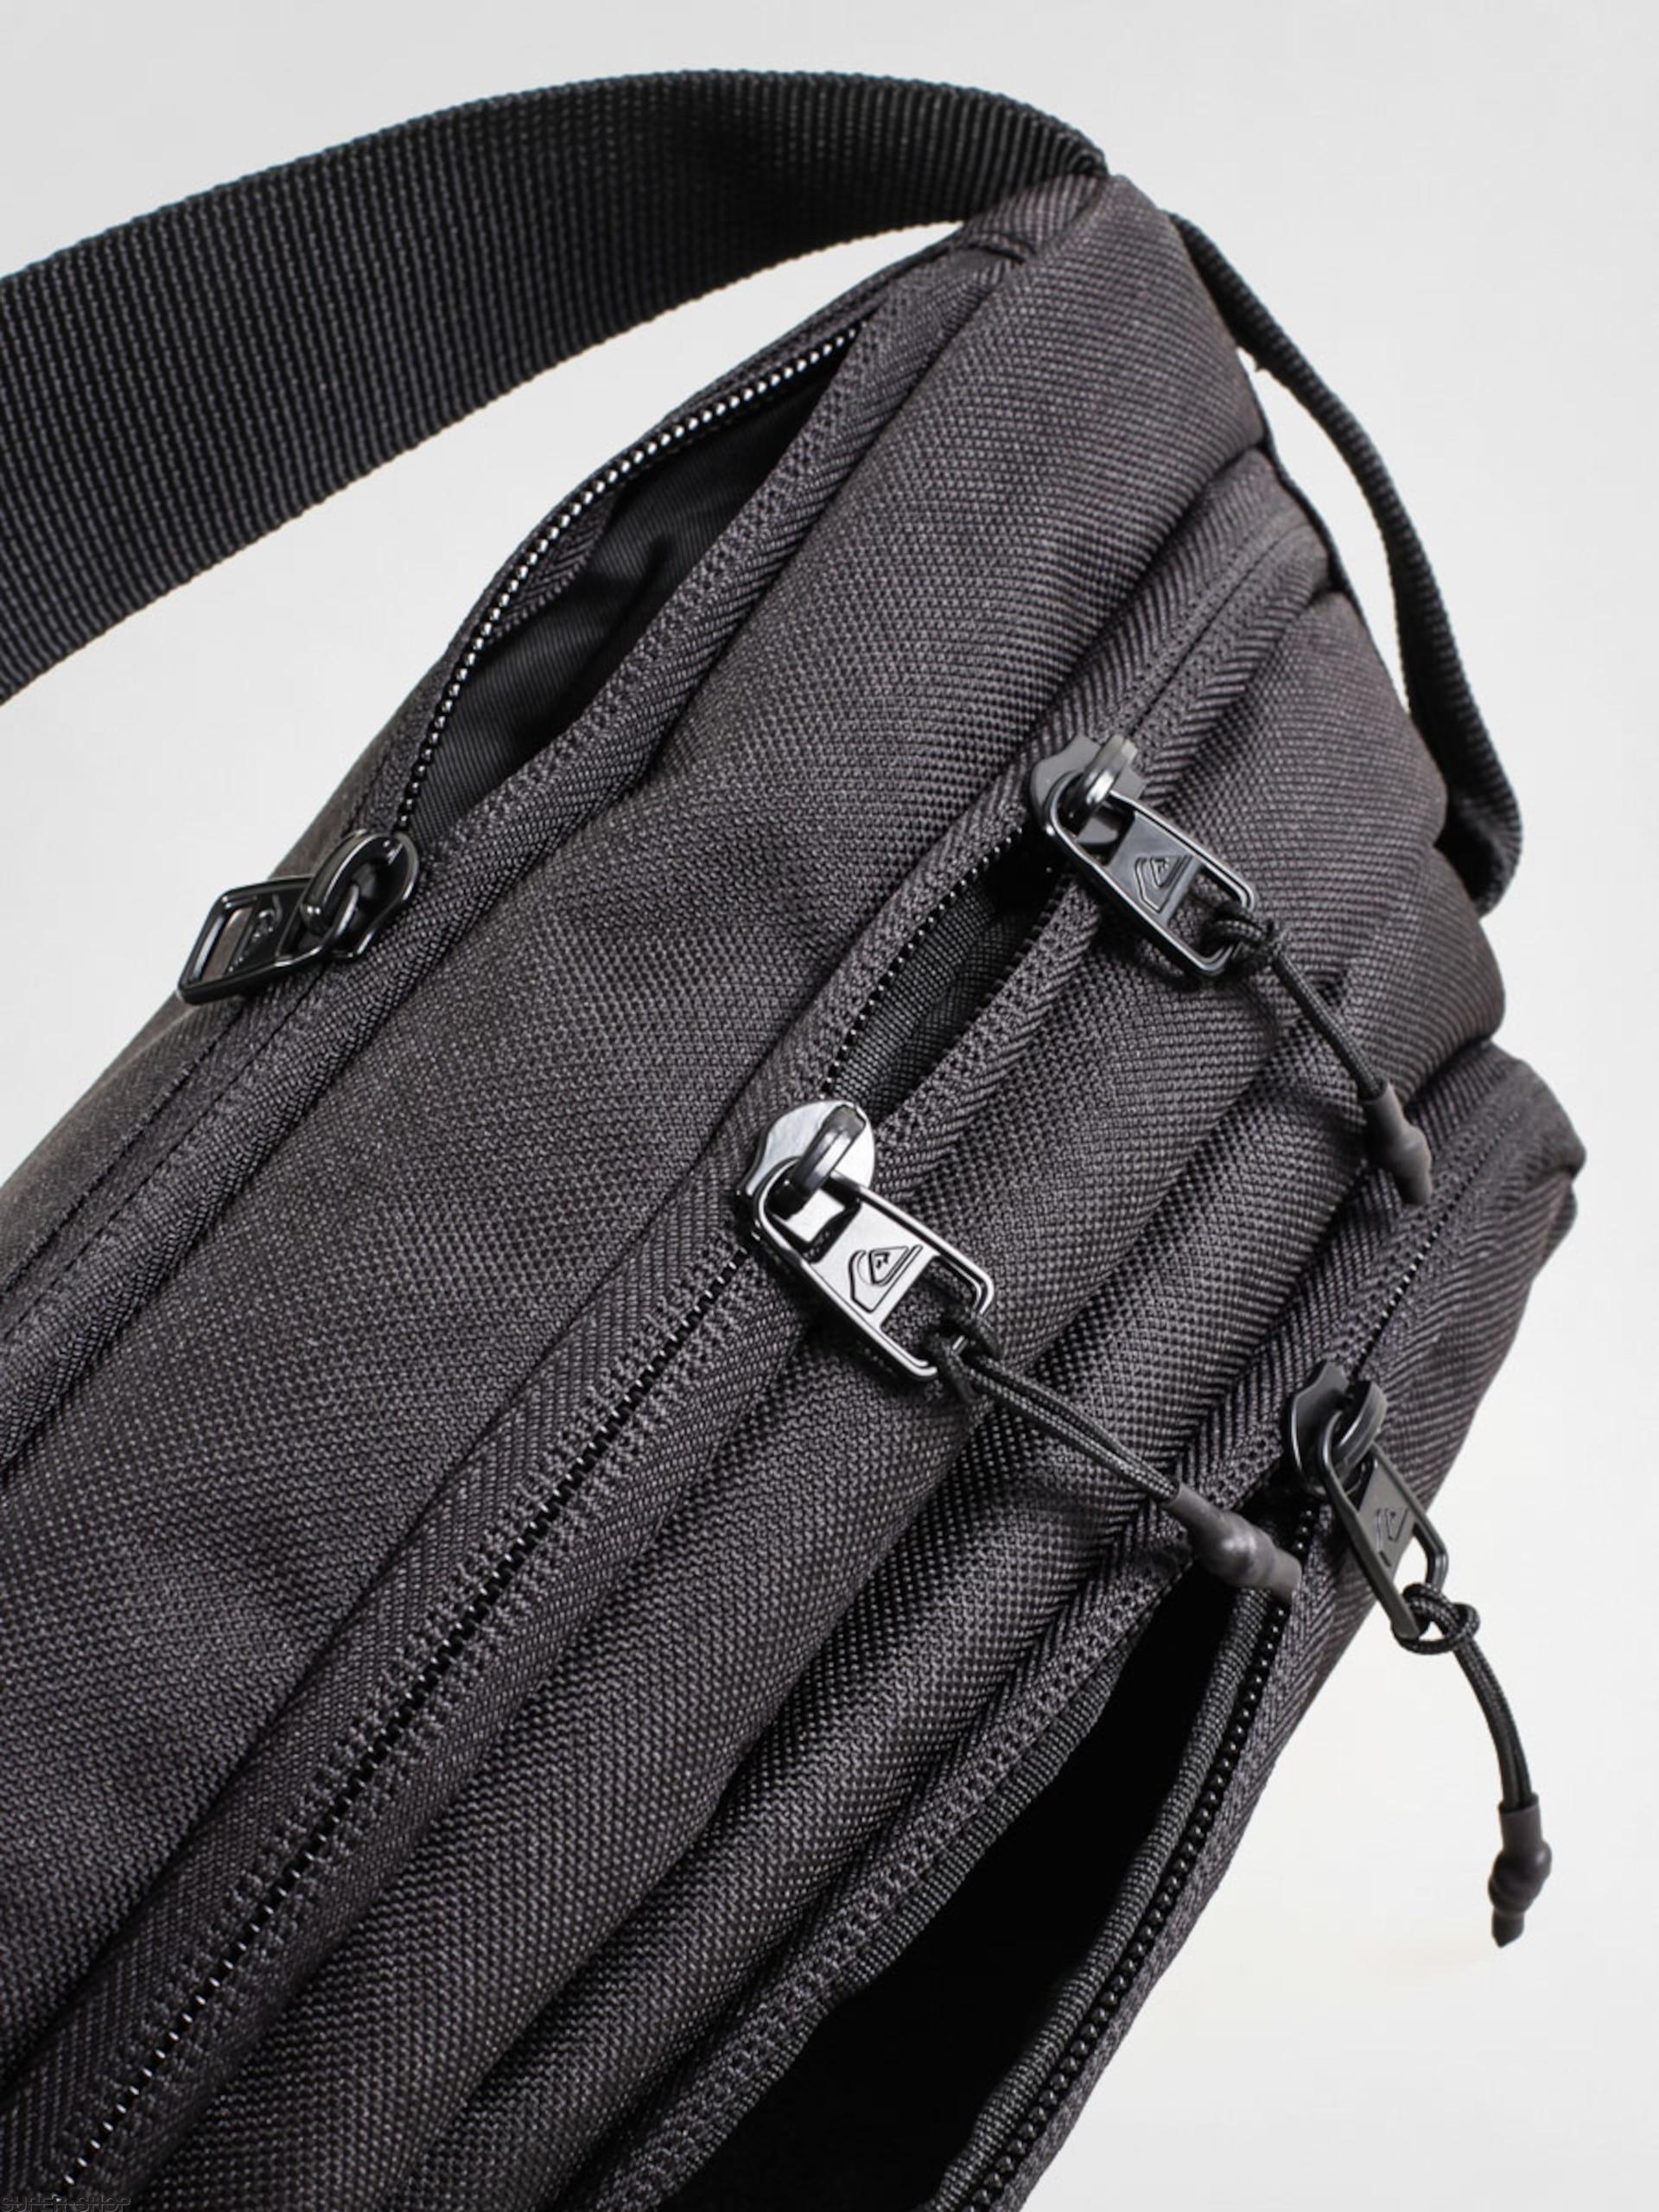 Bag Bum Bum Smuggler black Bum Quiksilver Quiksilver Smuggler black Quiksilver Bag F6nHwq80